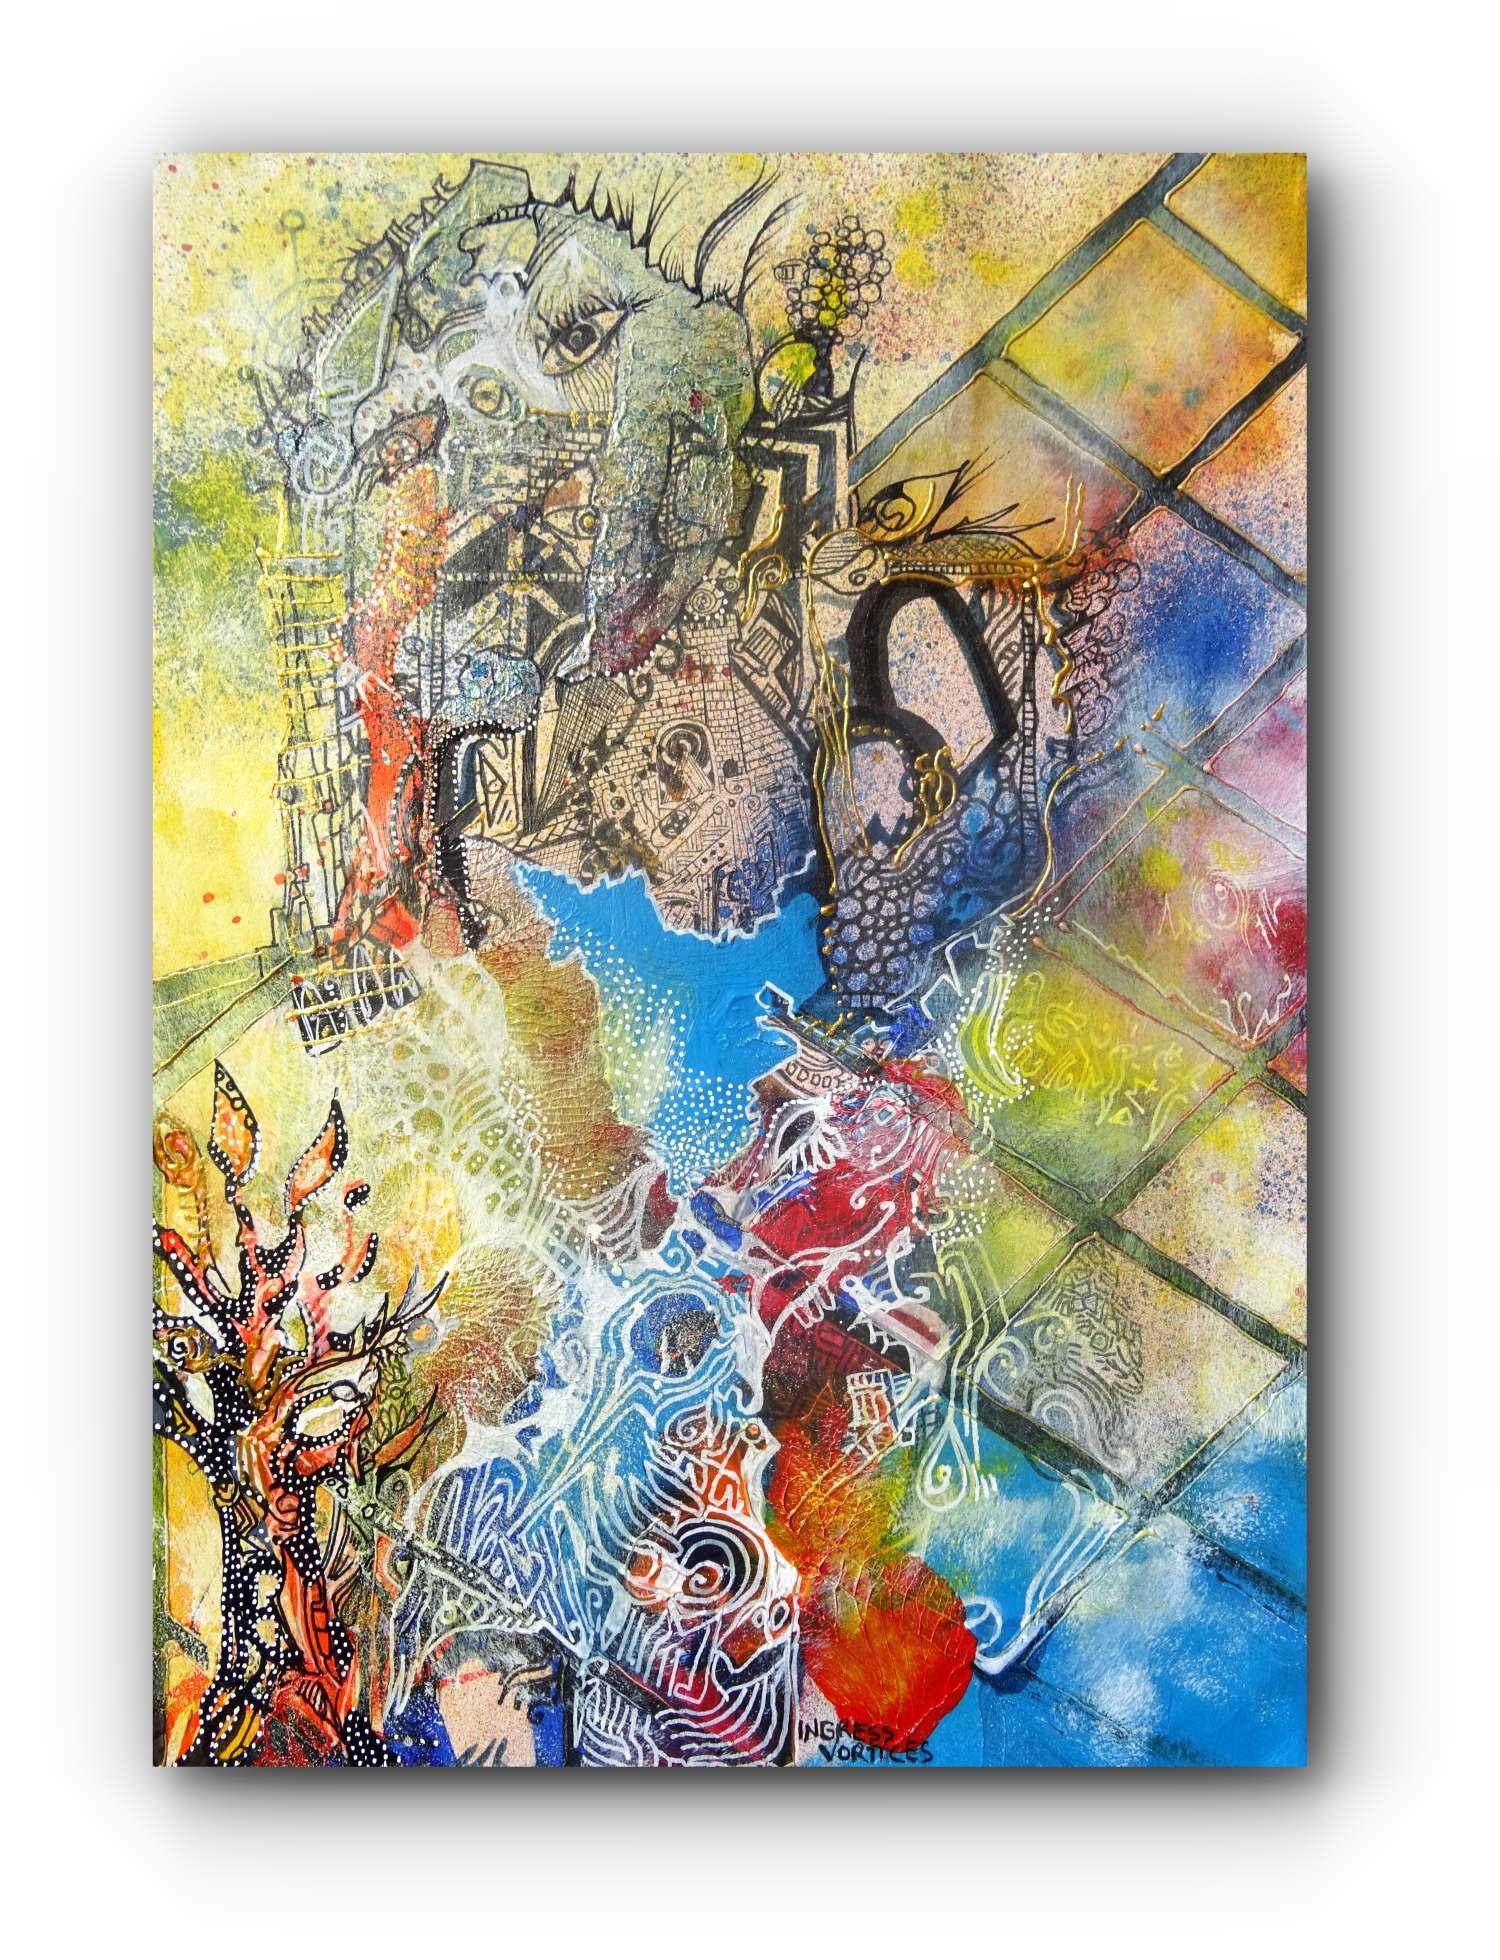 painting-metamorphosis-artist-duo-ingress-vortices.jpg